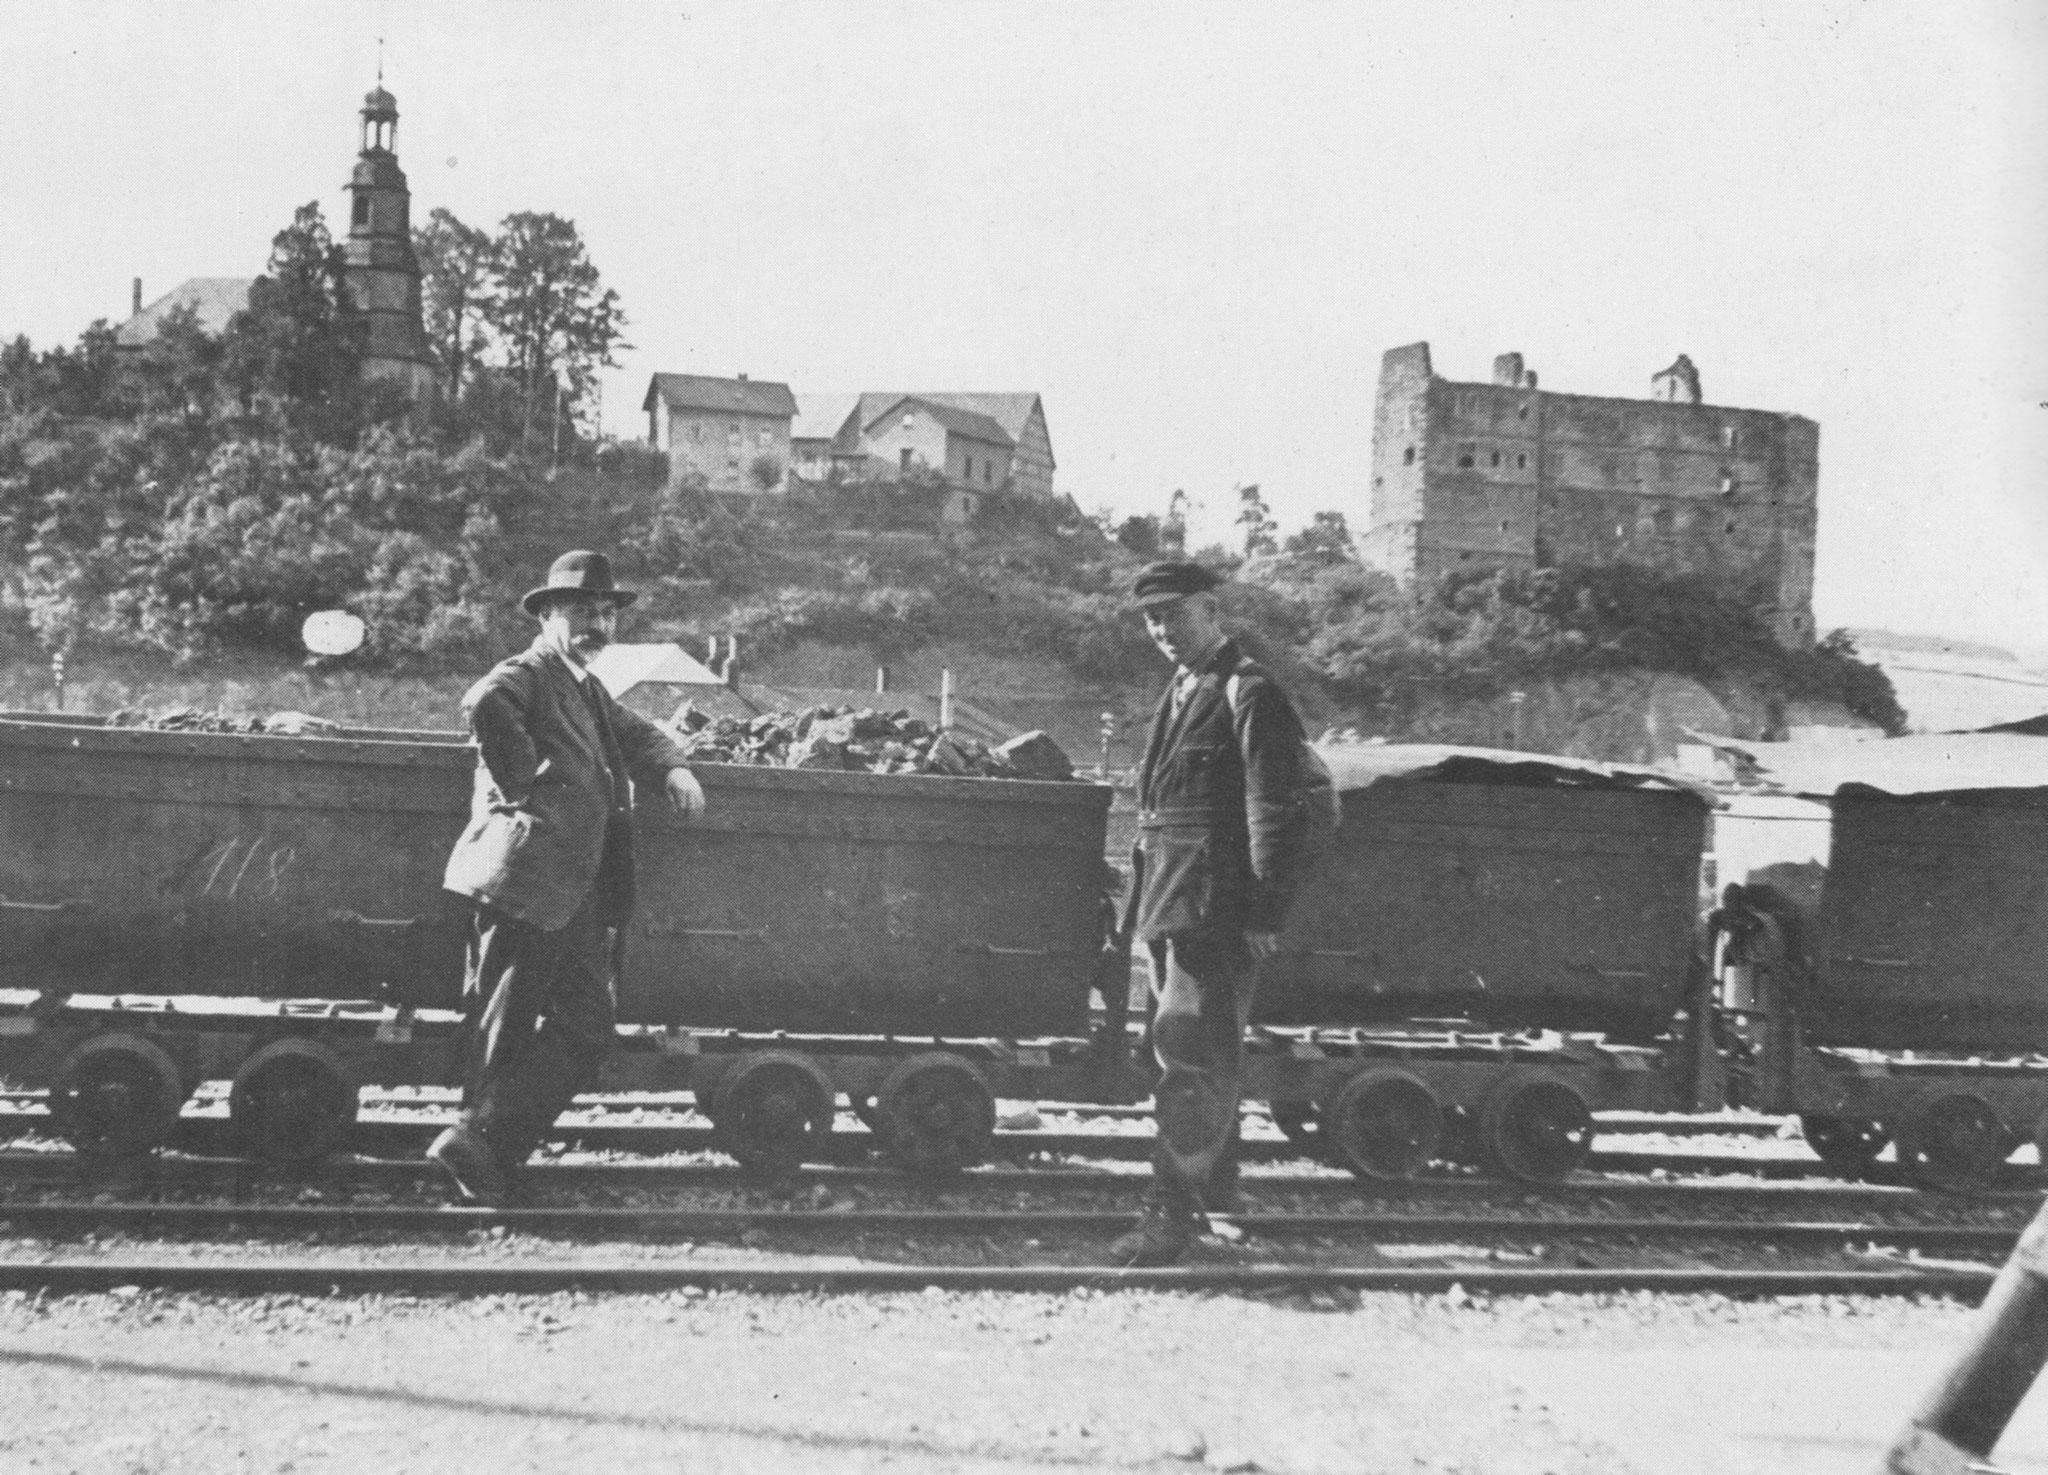 Im Bahnhof wurde aus den Feldbahnloren Eisenerz auf die Reichsbahn verladen, heute dient die modernisierte Rampe der Ton- Erde Verladung